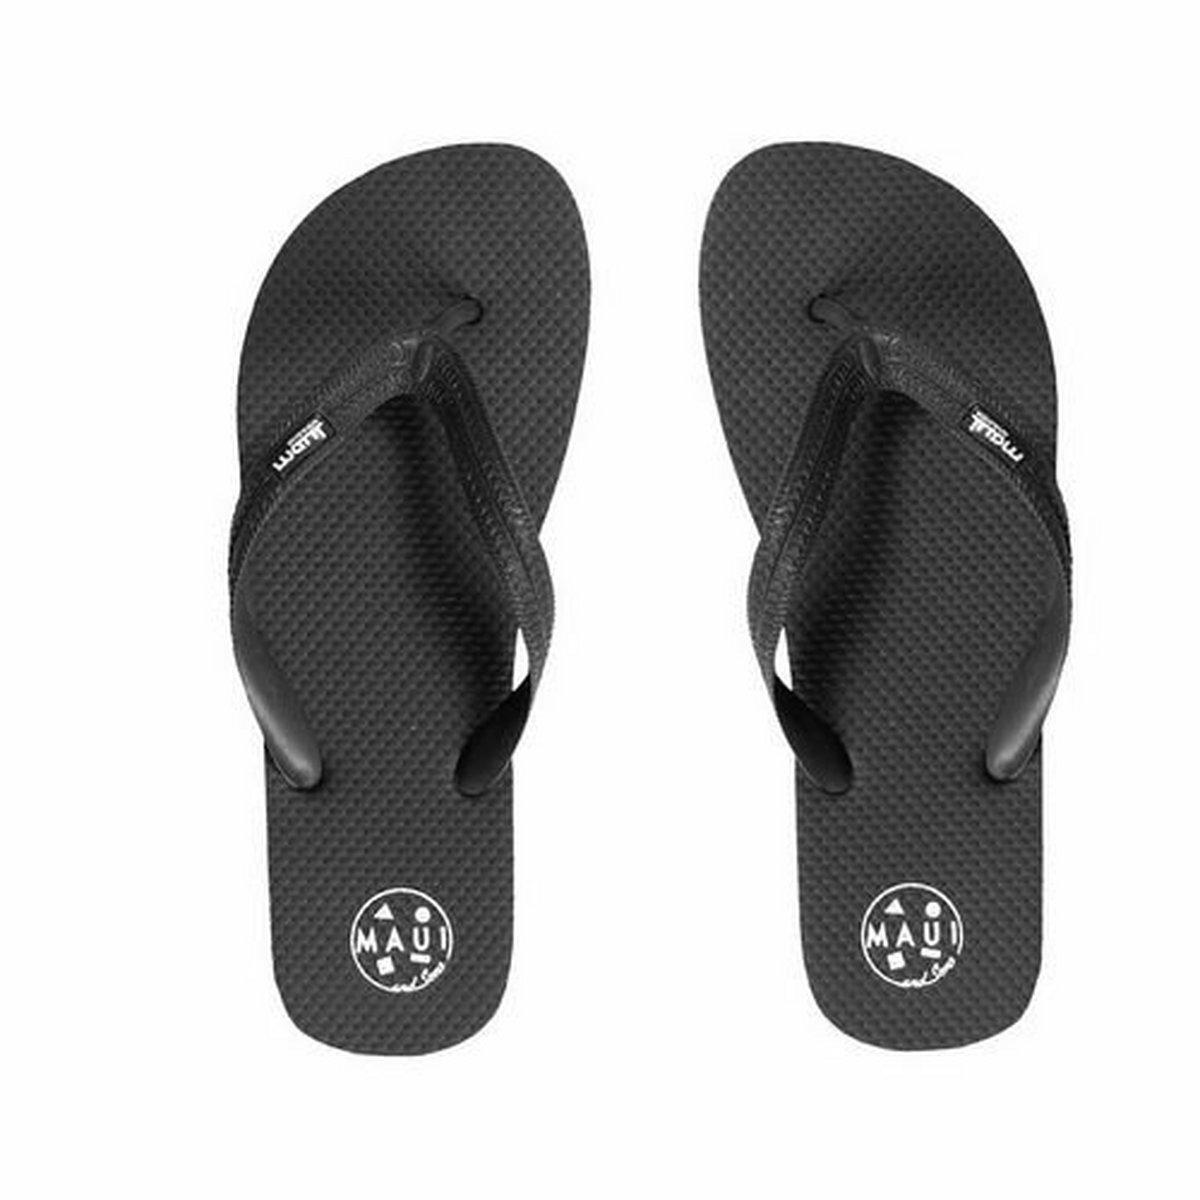 Veel slippers voor €1 @ Aktiesport